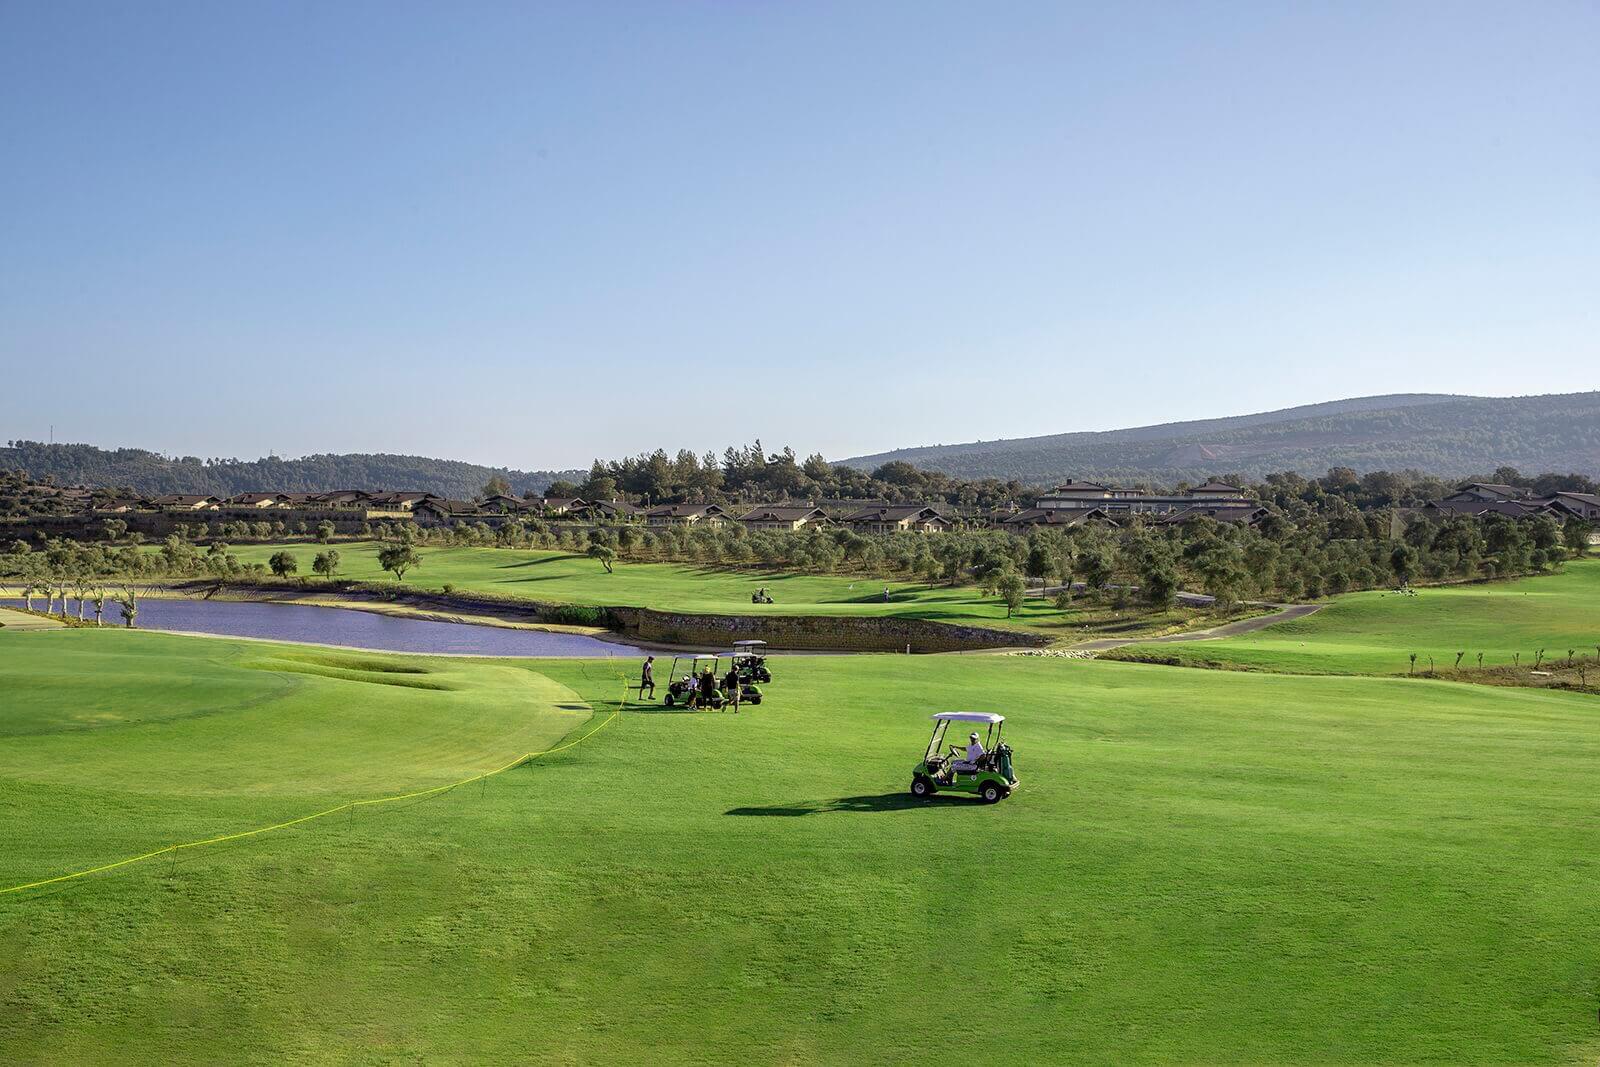 golfcart view